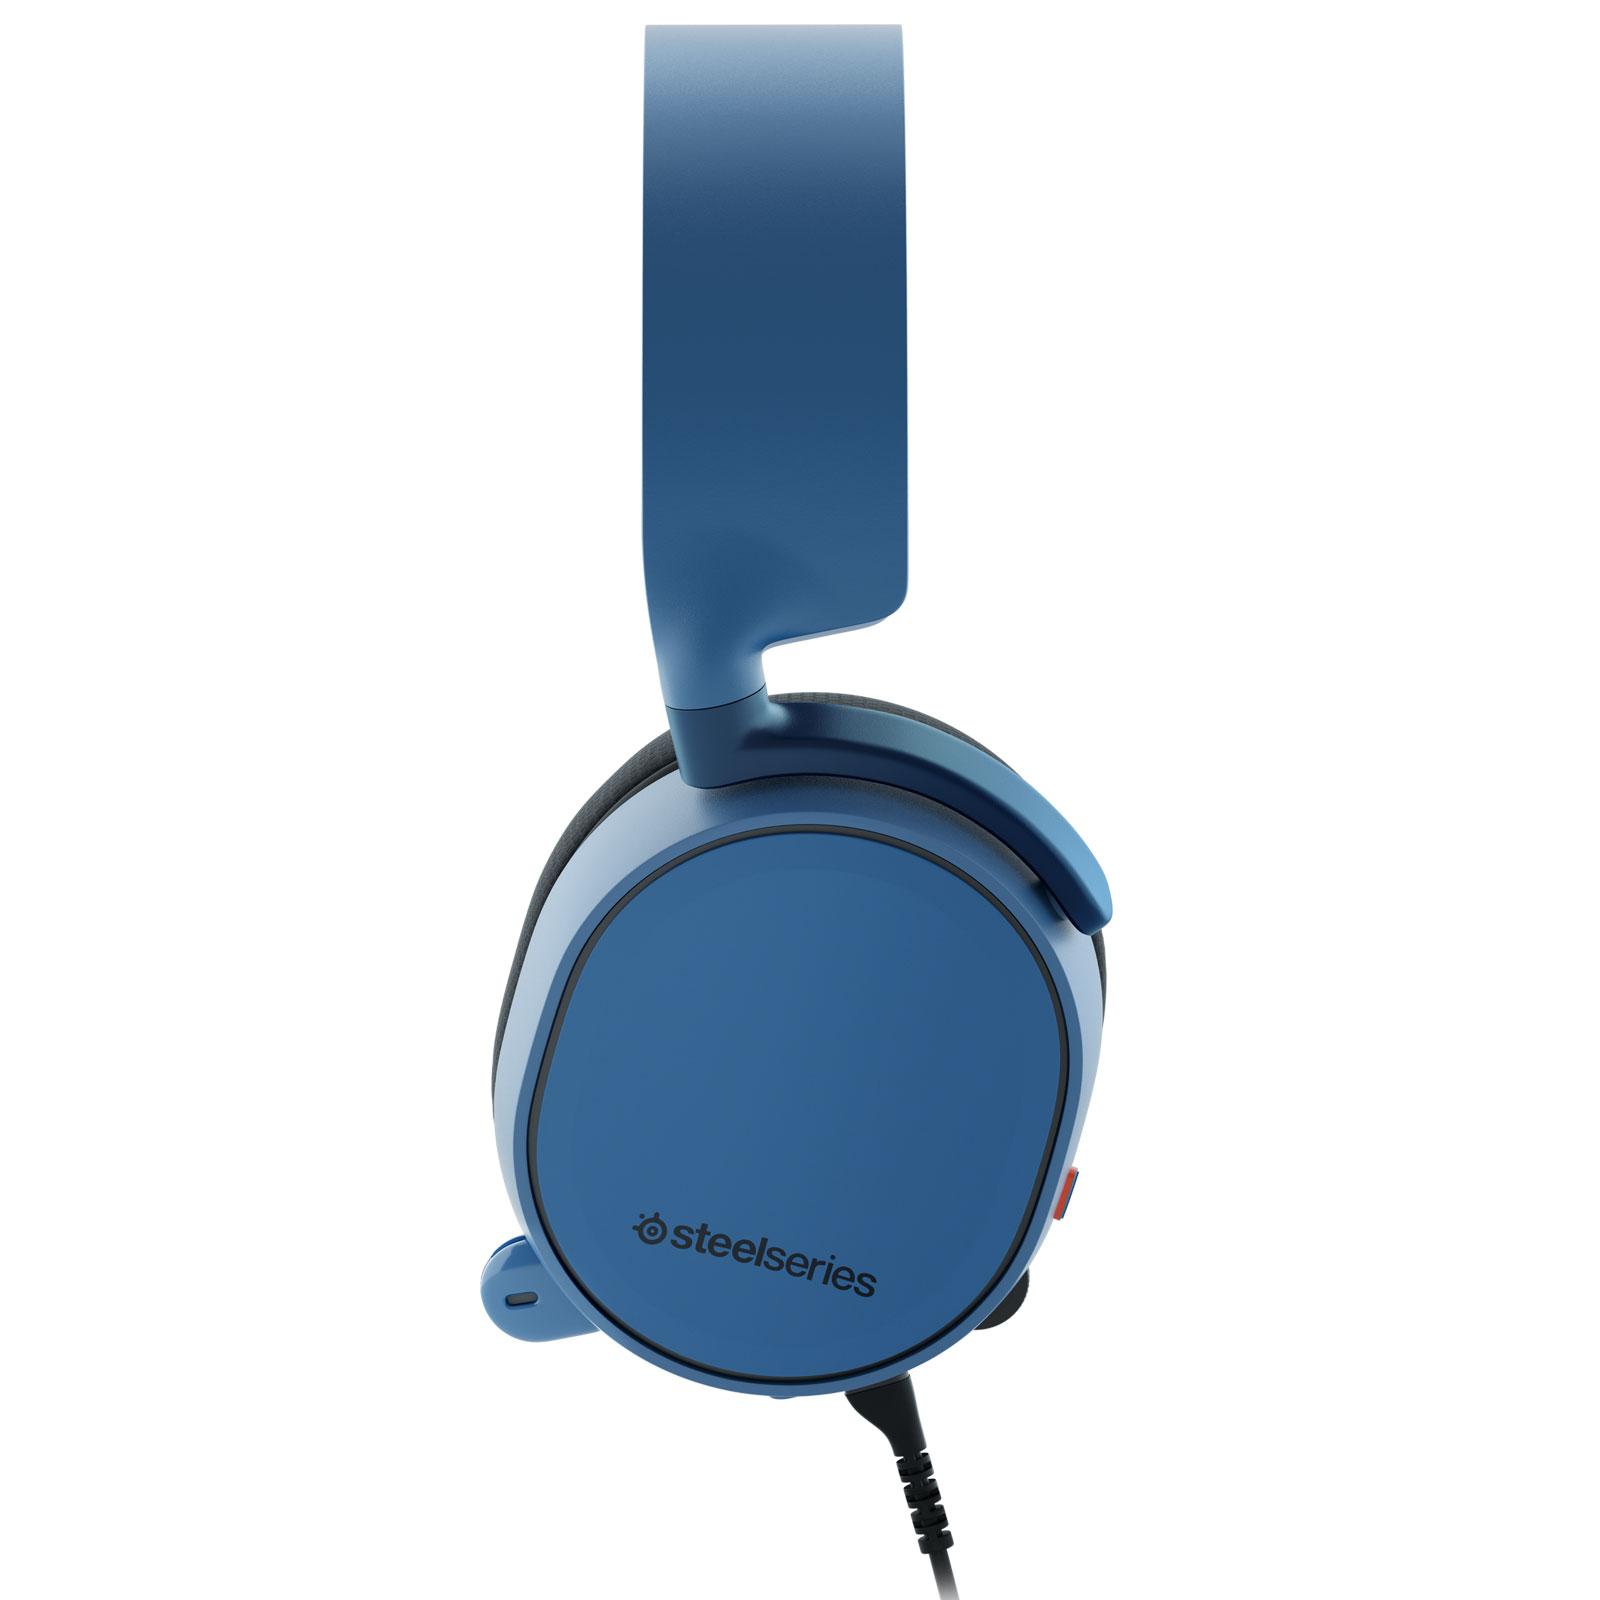 Steelseries Arctis 3 Bleu Stereo Bleu - Micro-casque - Cybertek.fr - 2